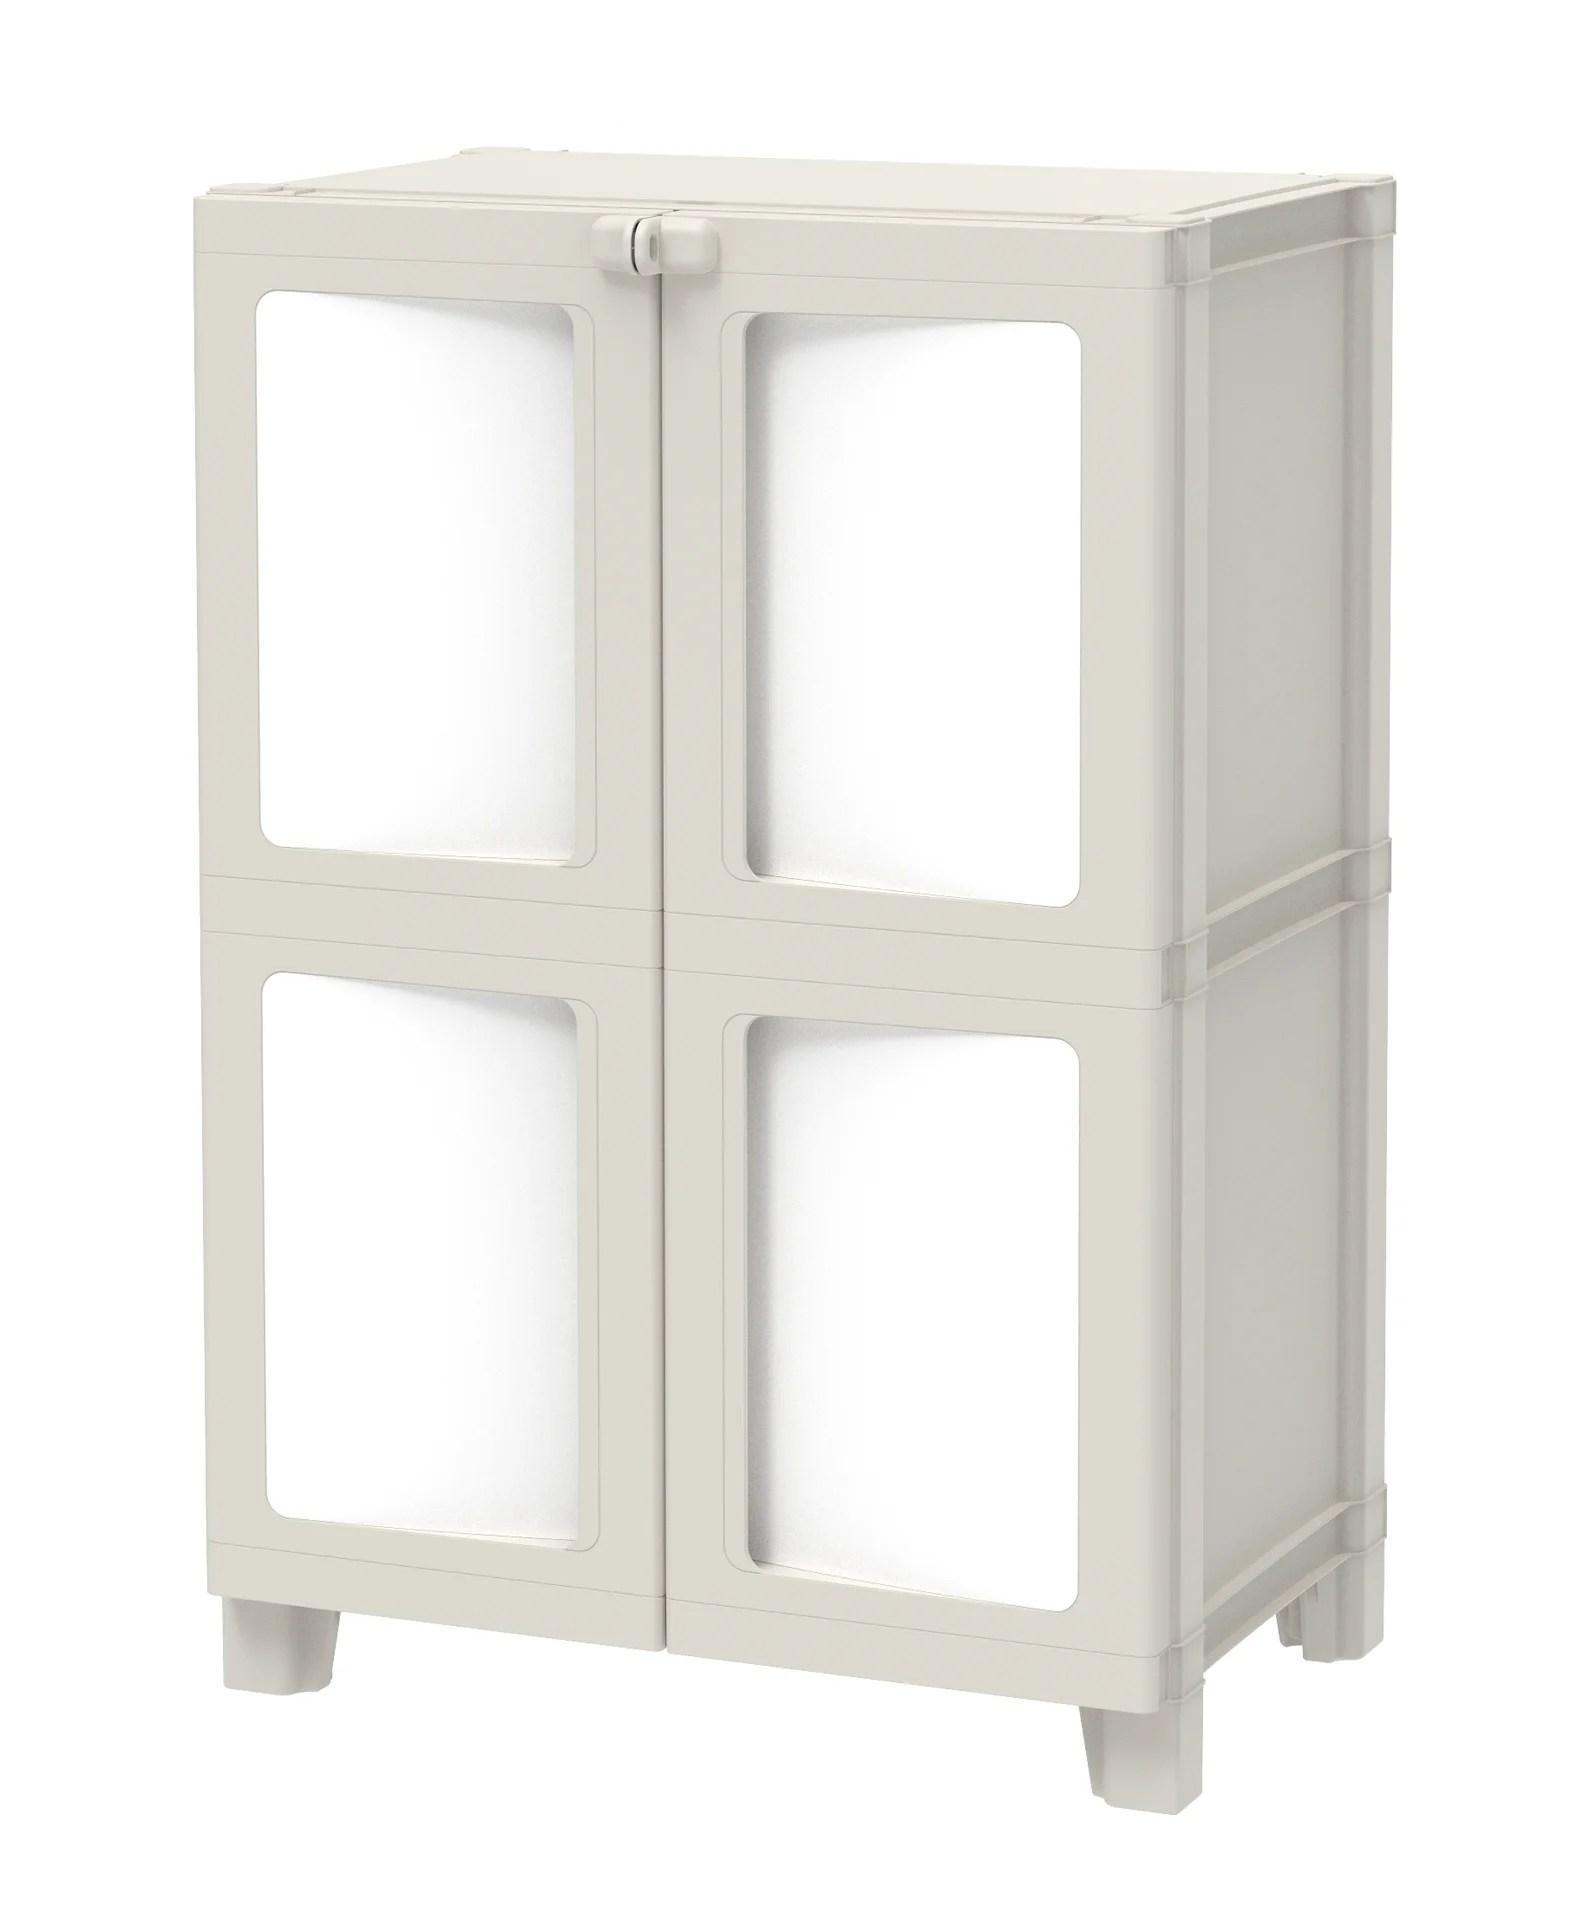 armoire basse plastique 1 etagere spaceo modulize l 65 x h 95 x p 40 cm